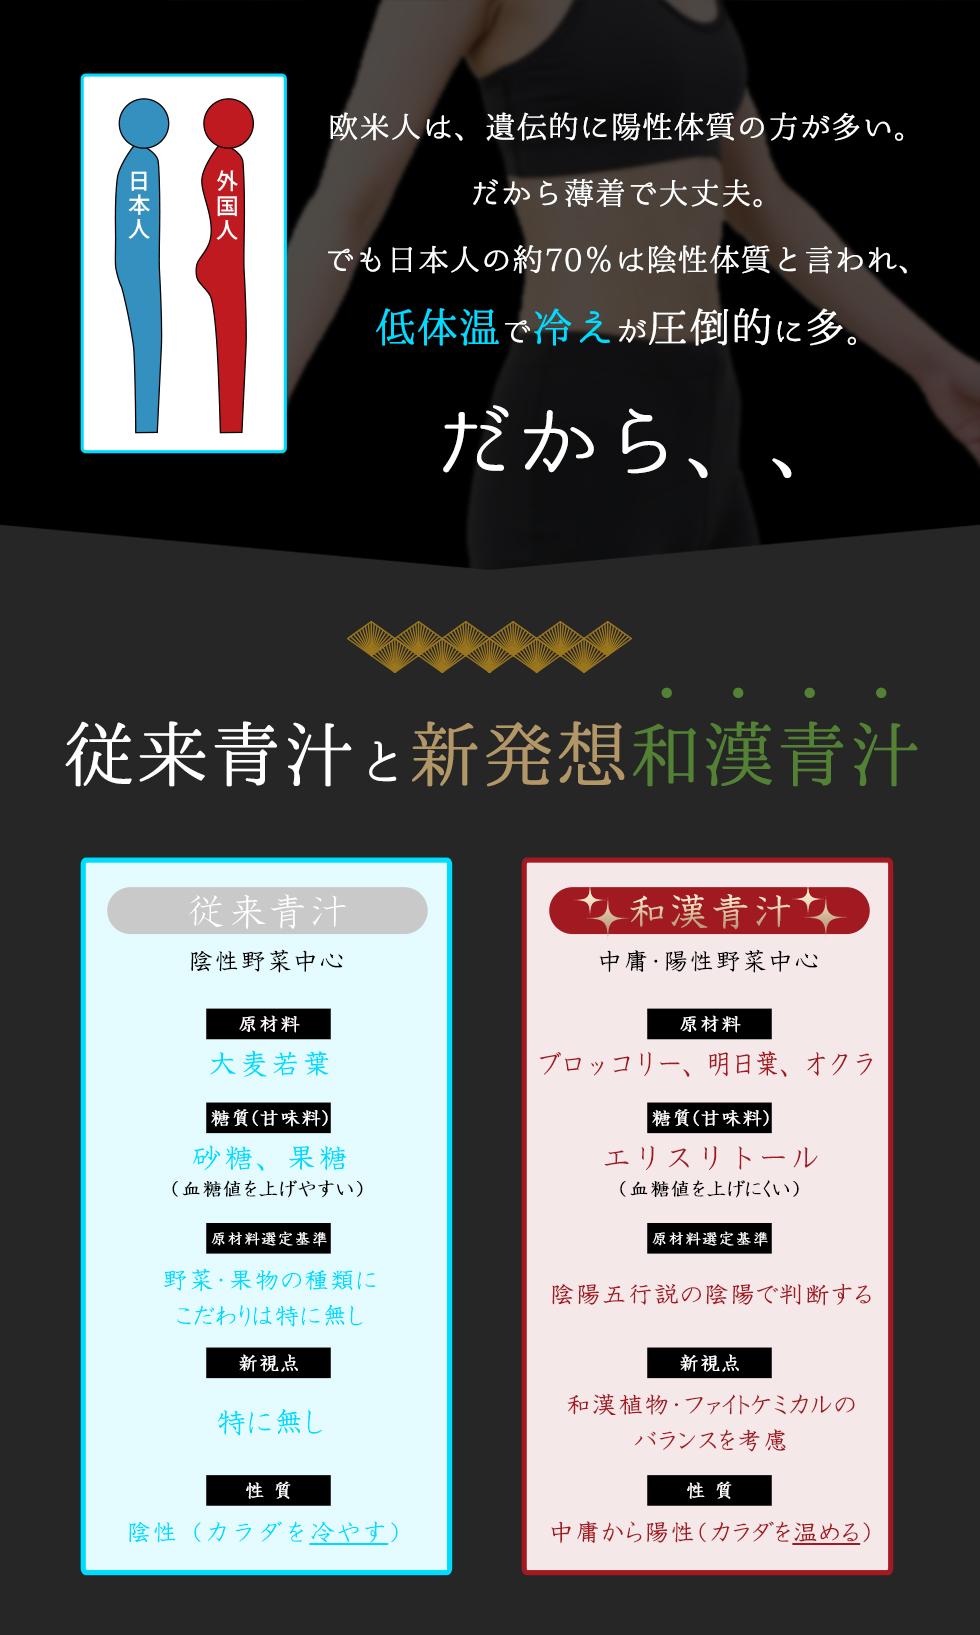 欧米人は、遺伝的に陽性体質が多い、日本人は約70%は陰性体質と言われている。従来青汁と新発想和漢青汁